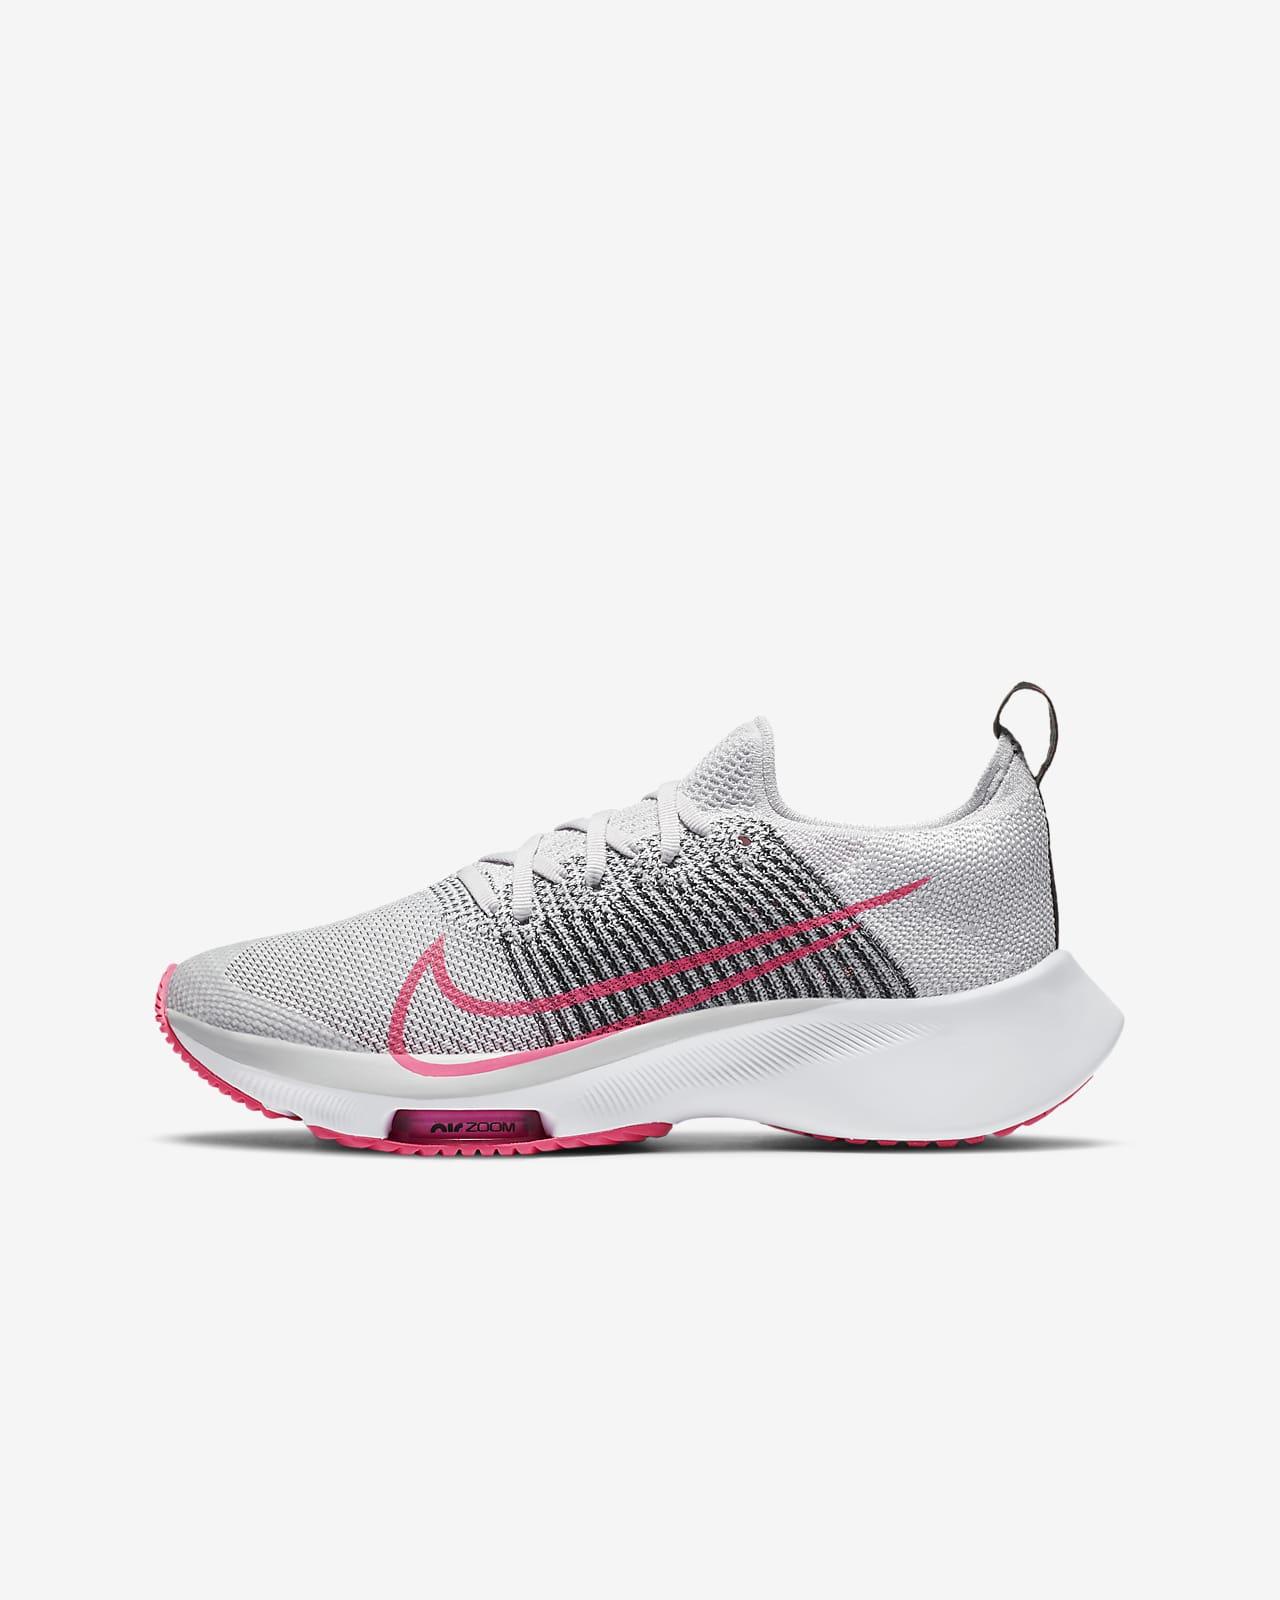 Nike Air Zoom Tempo FK Zapatillas de running - Niño/a